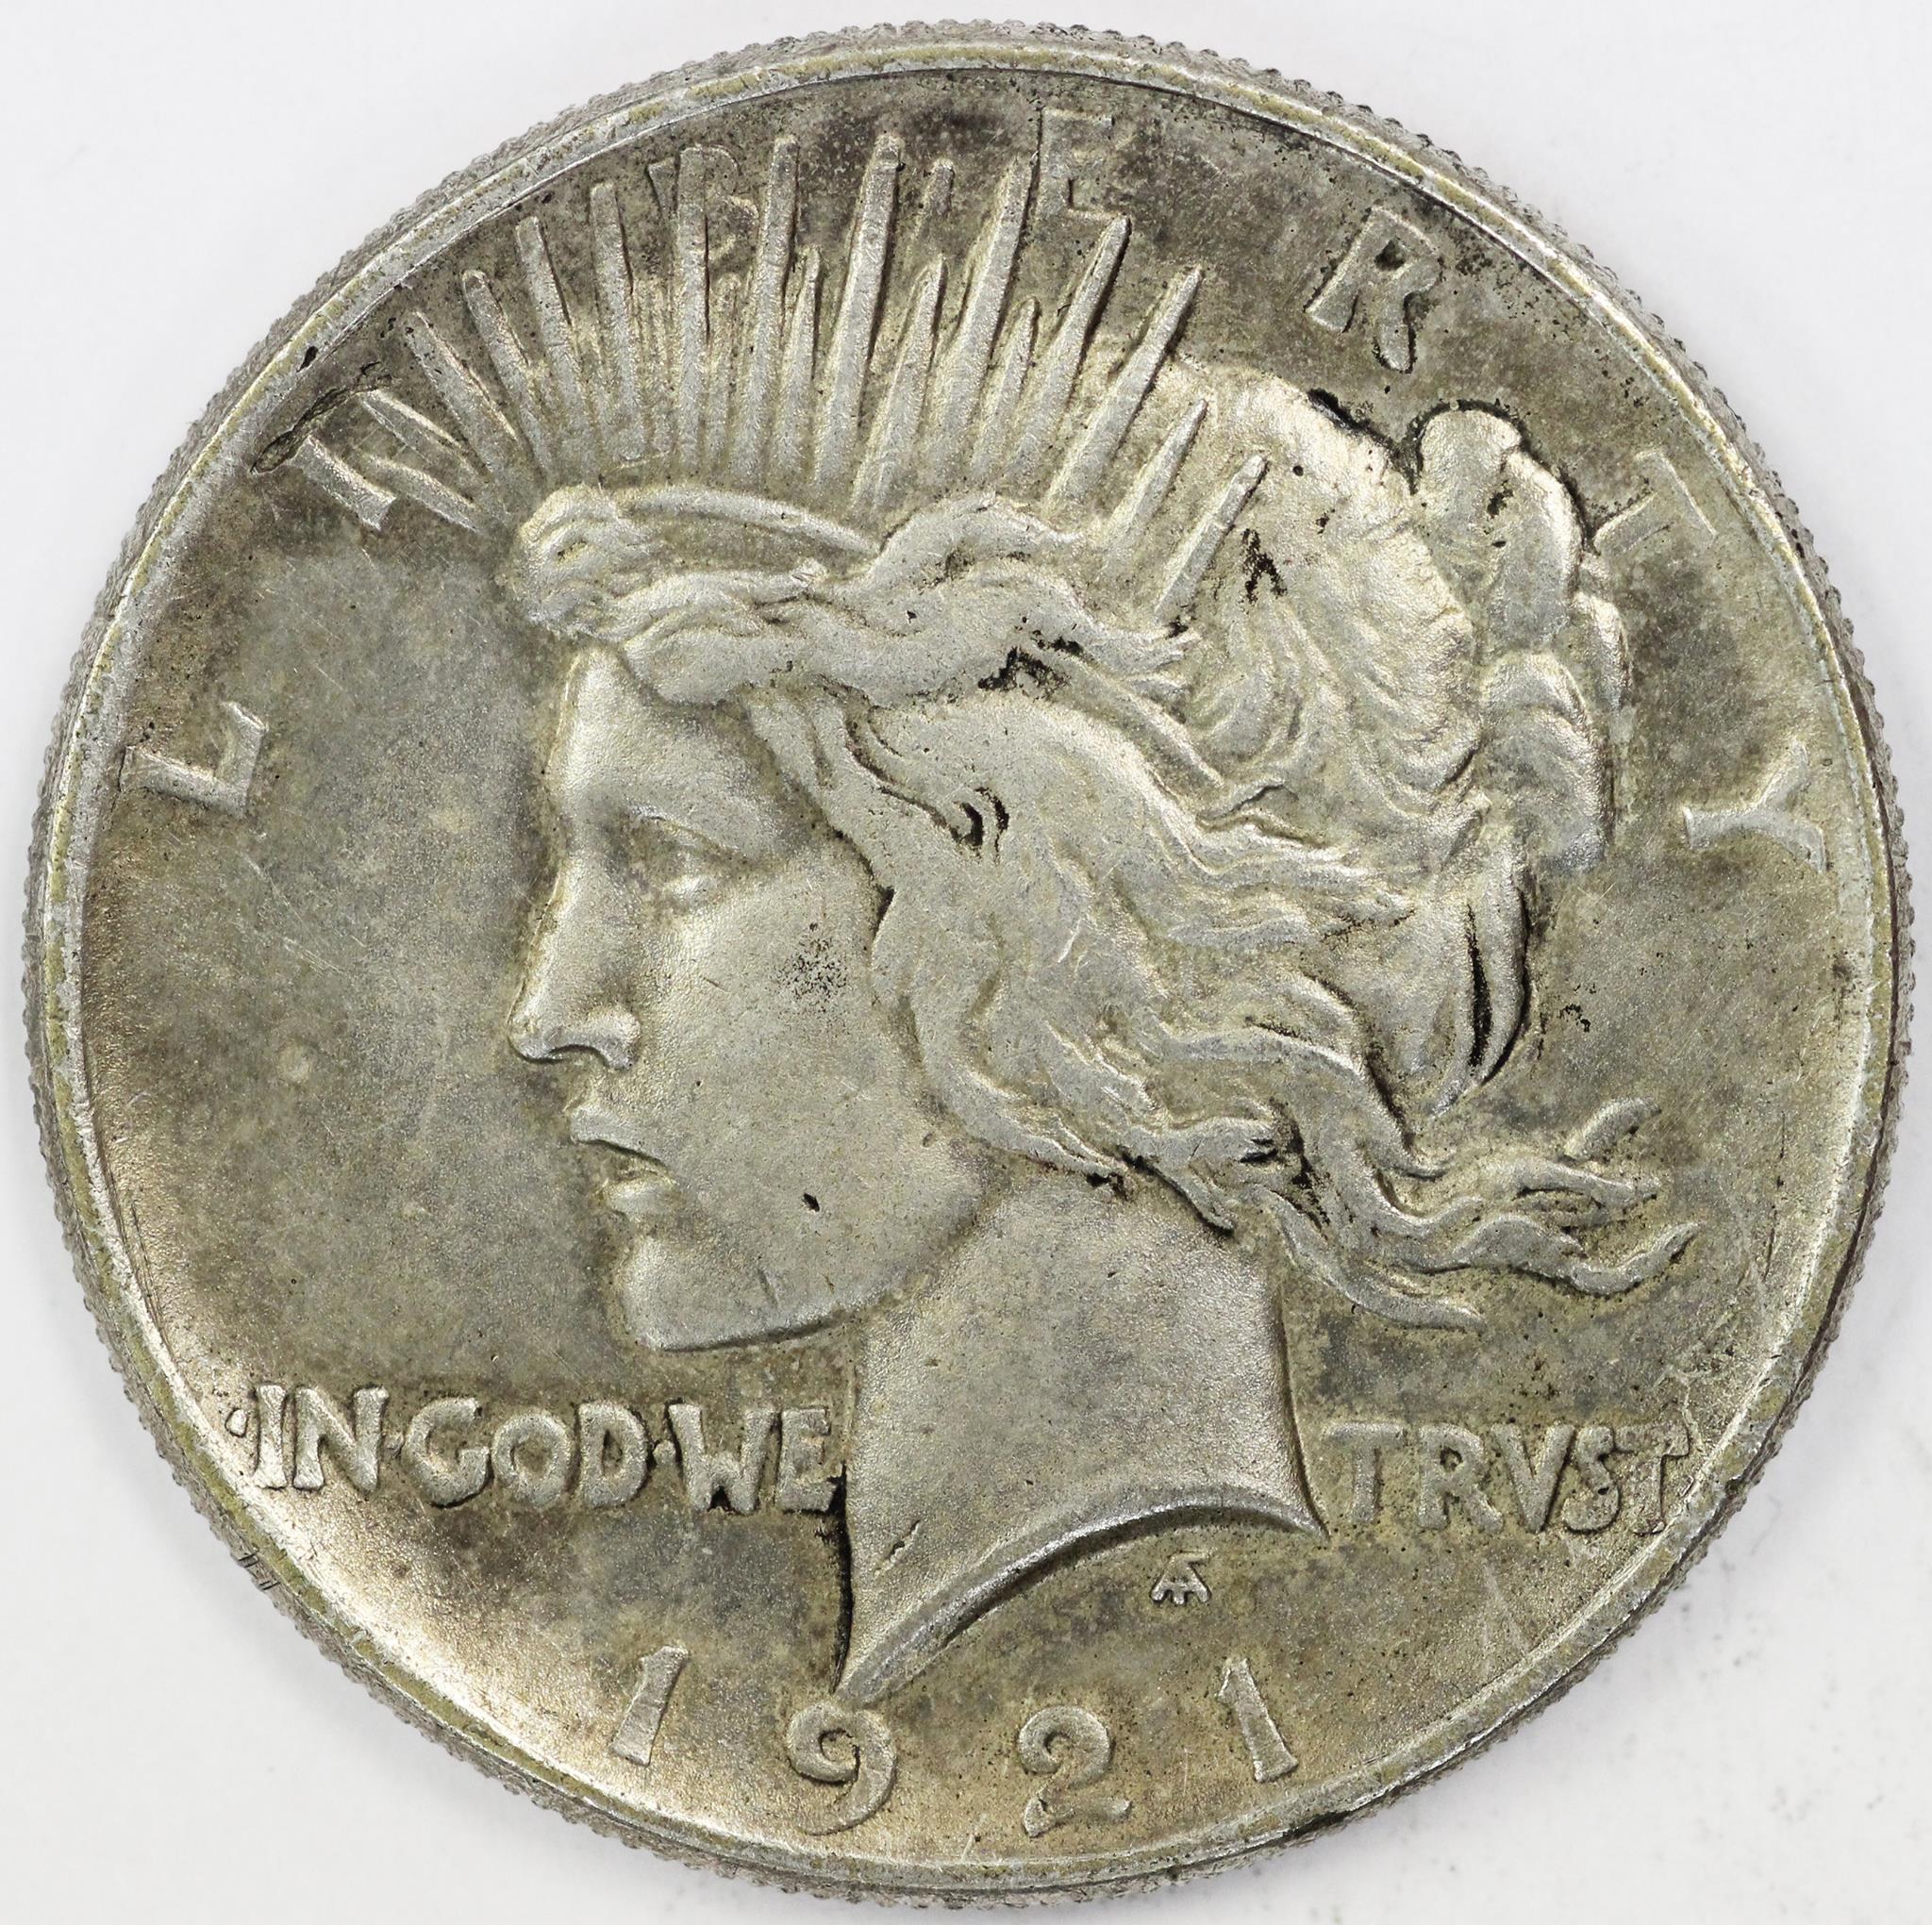 1921 Peace Dollar Counterfeit Coinhelp